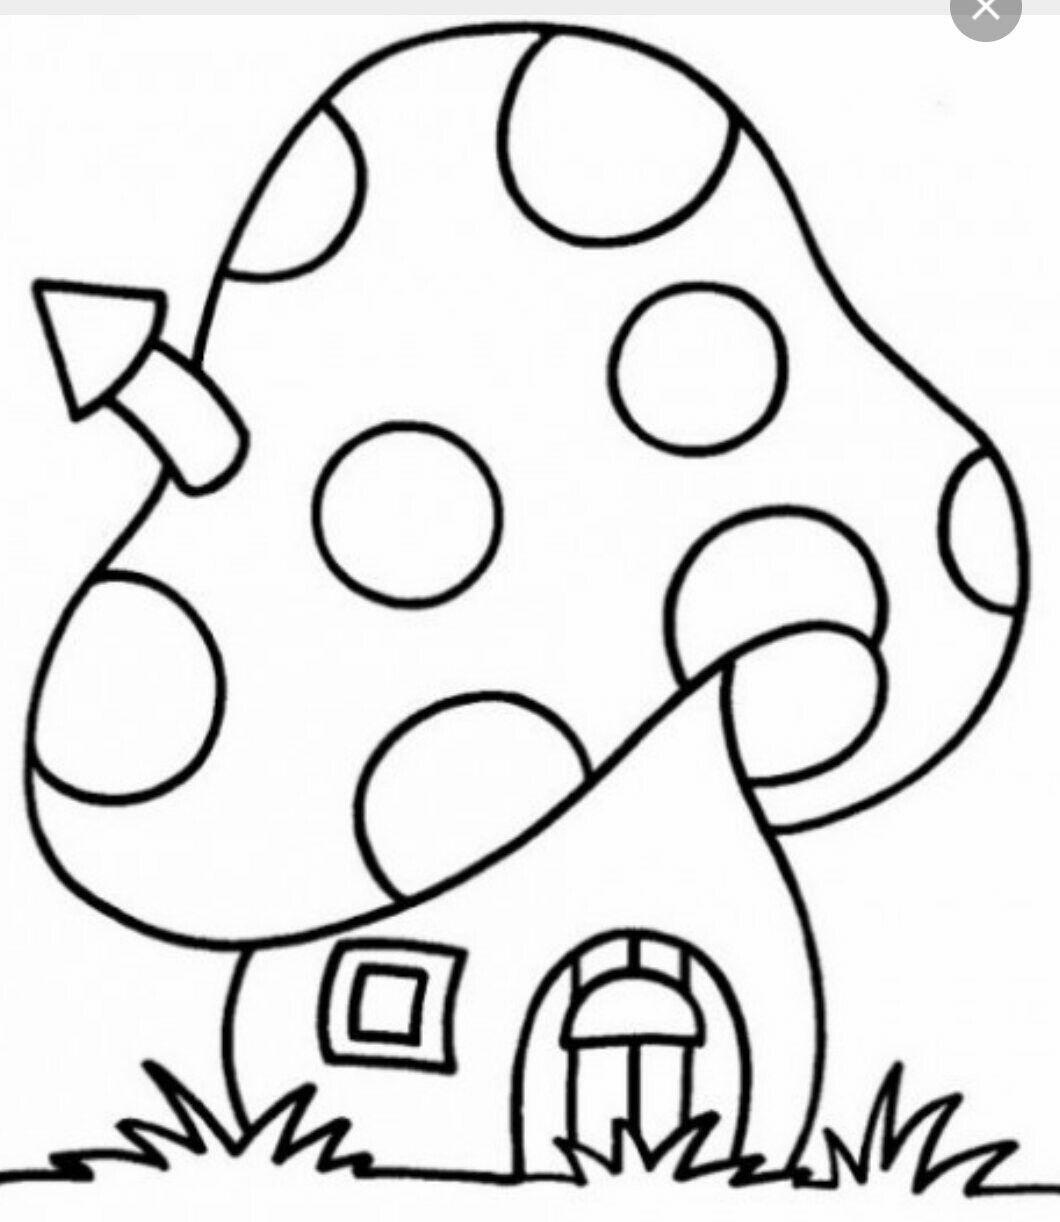 Coloriage schtroumpf coloriage numéroté coloriage maison coloriage facile coloriage automne coloriage